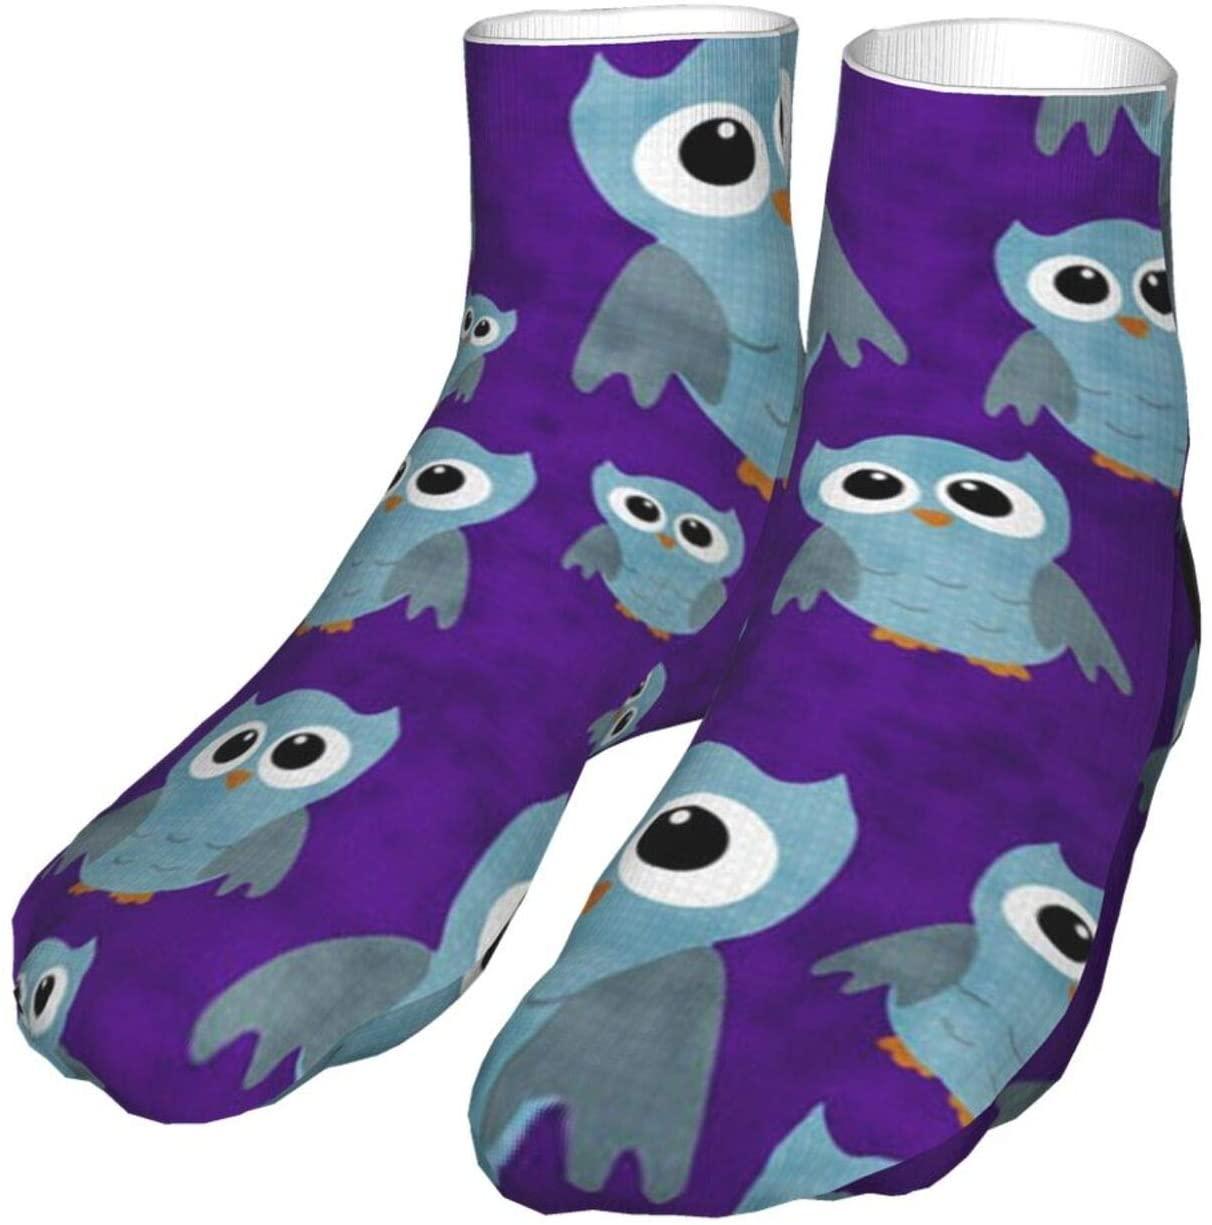 antcreptson Sky Owl Athletic Tube Stockings Women's Men's Classics Knee High Socks Sport Long Sock One Size